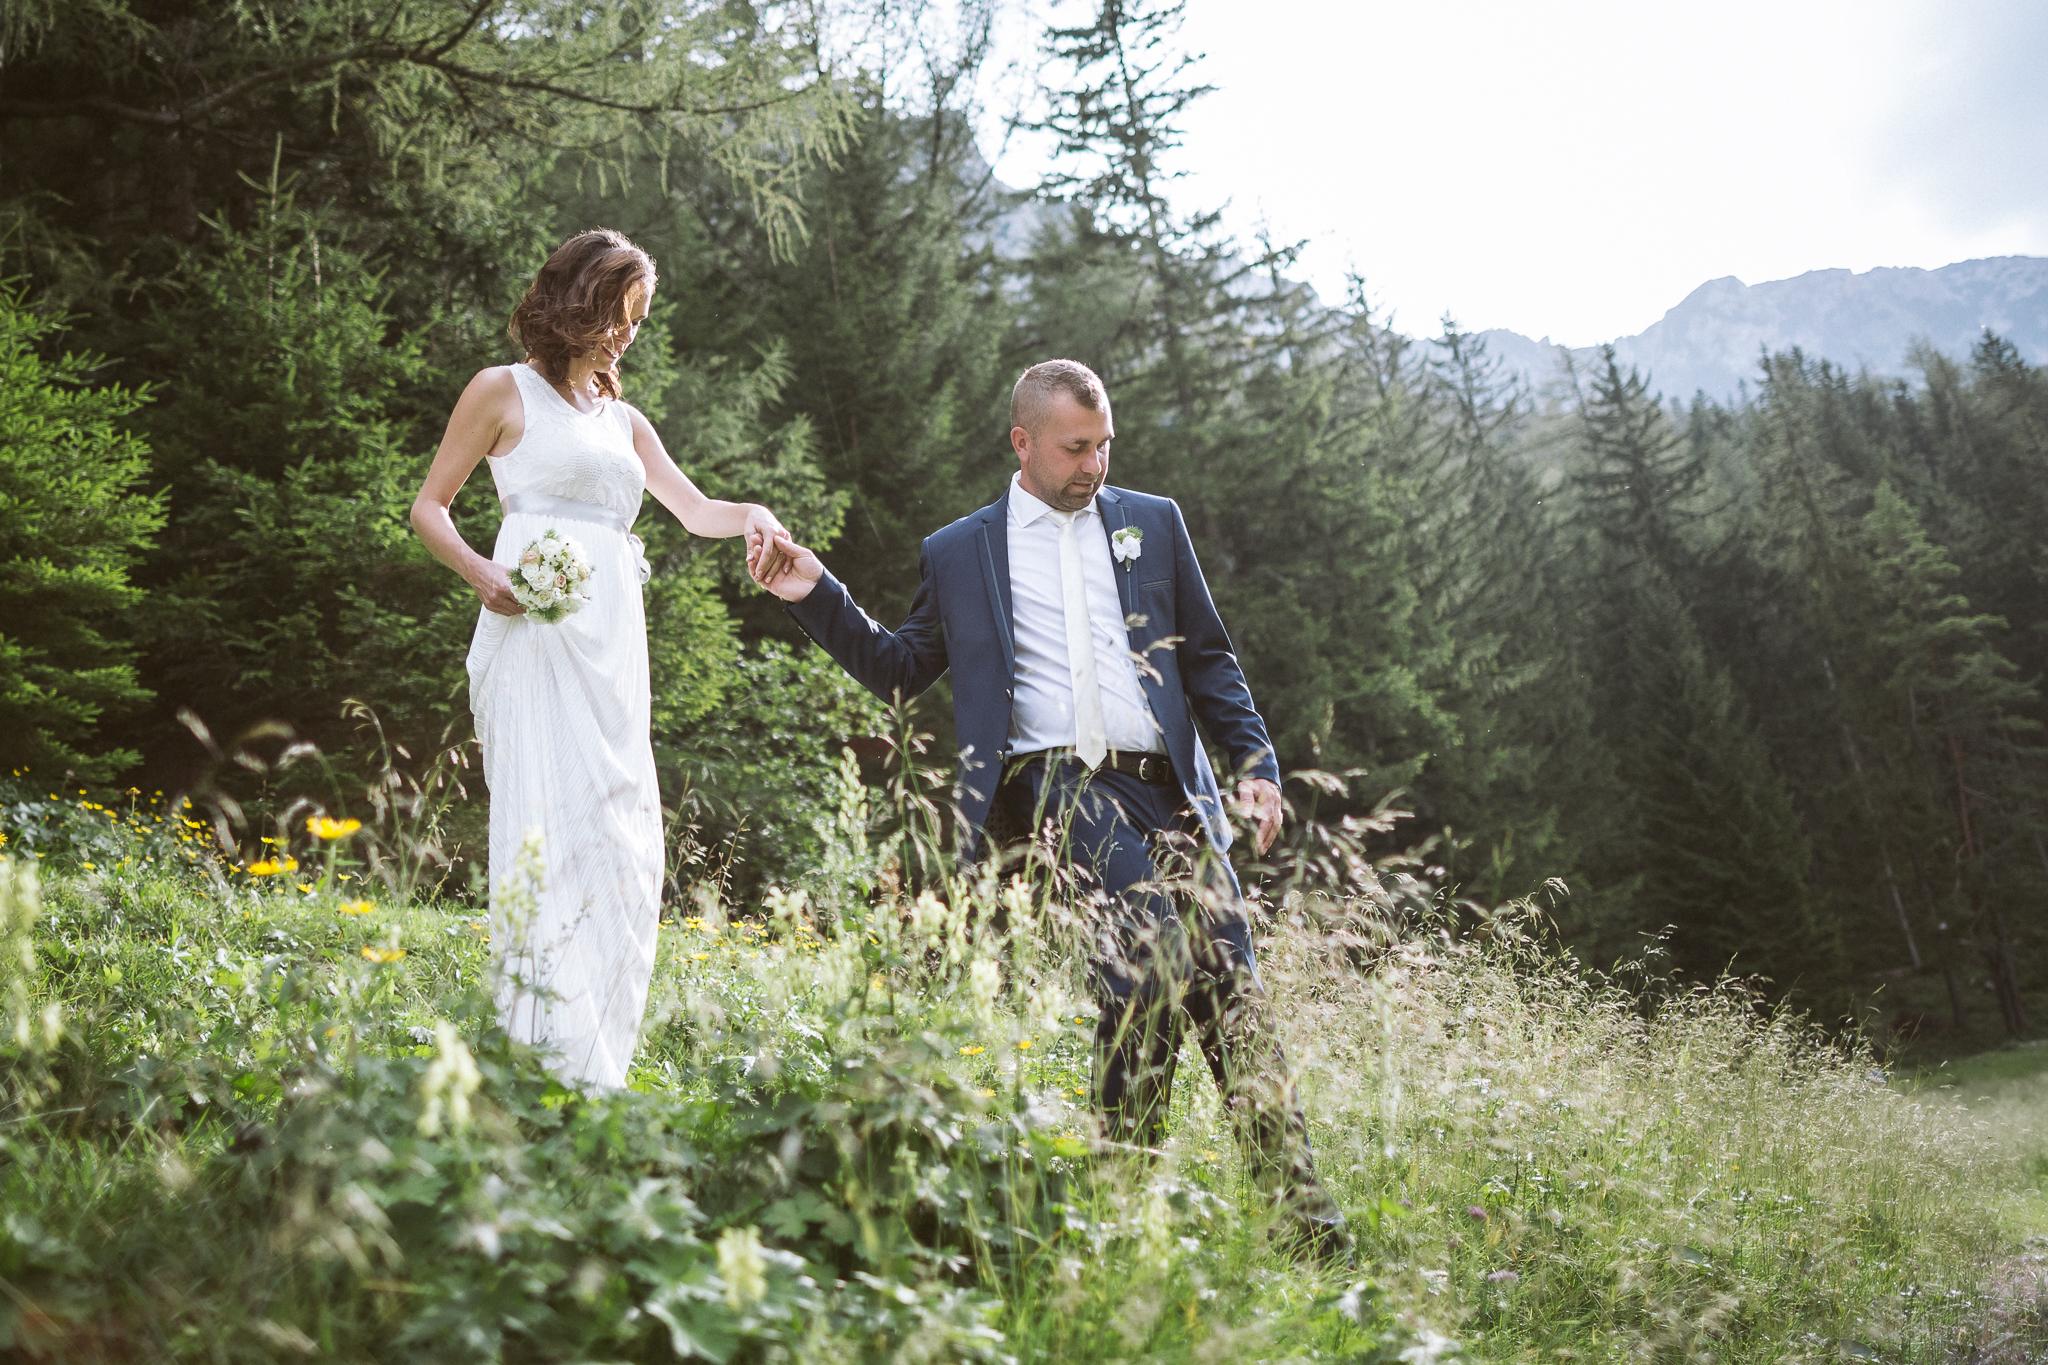 FylepPhoto, esküvőfotózás, magyarország, esküvői fotós, vasmegye, prémium, jegyesfotózás, Fülöp Péter, körmend, kreatív, grüner see_23.jpg